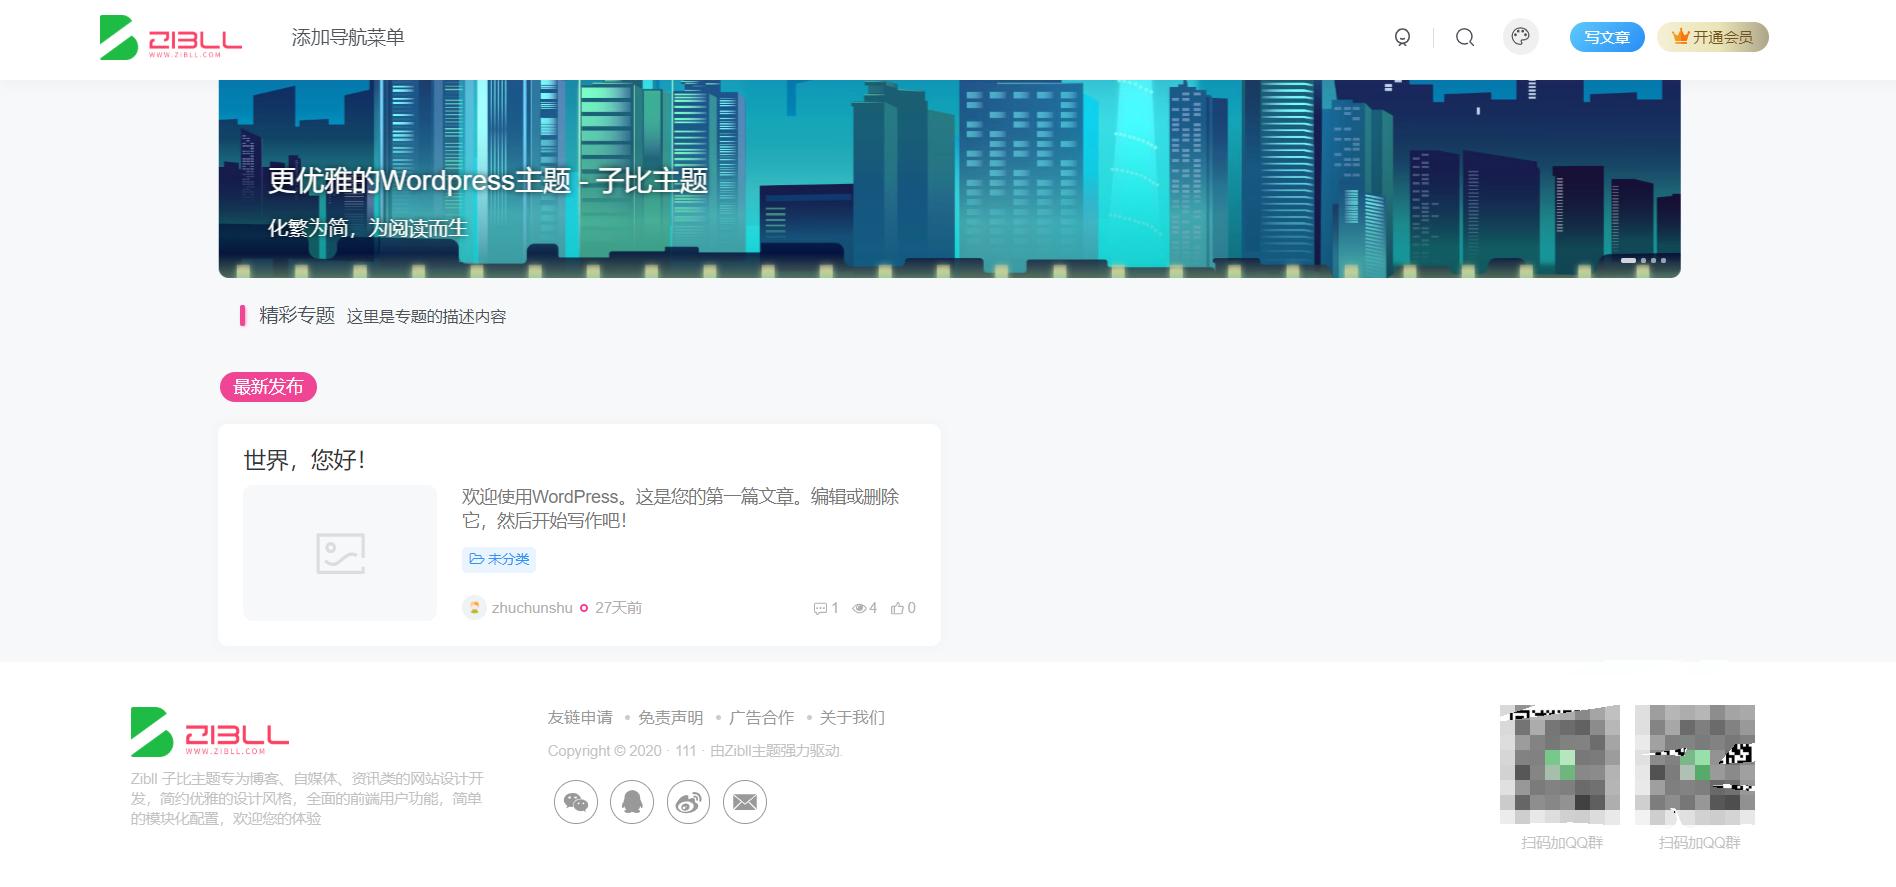 [首发]WordPress主题Zibll3.1最新去授权完美开心版 第1张